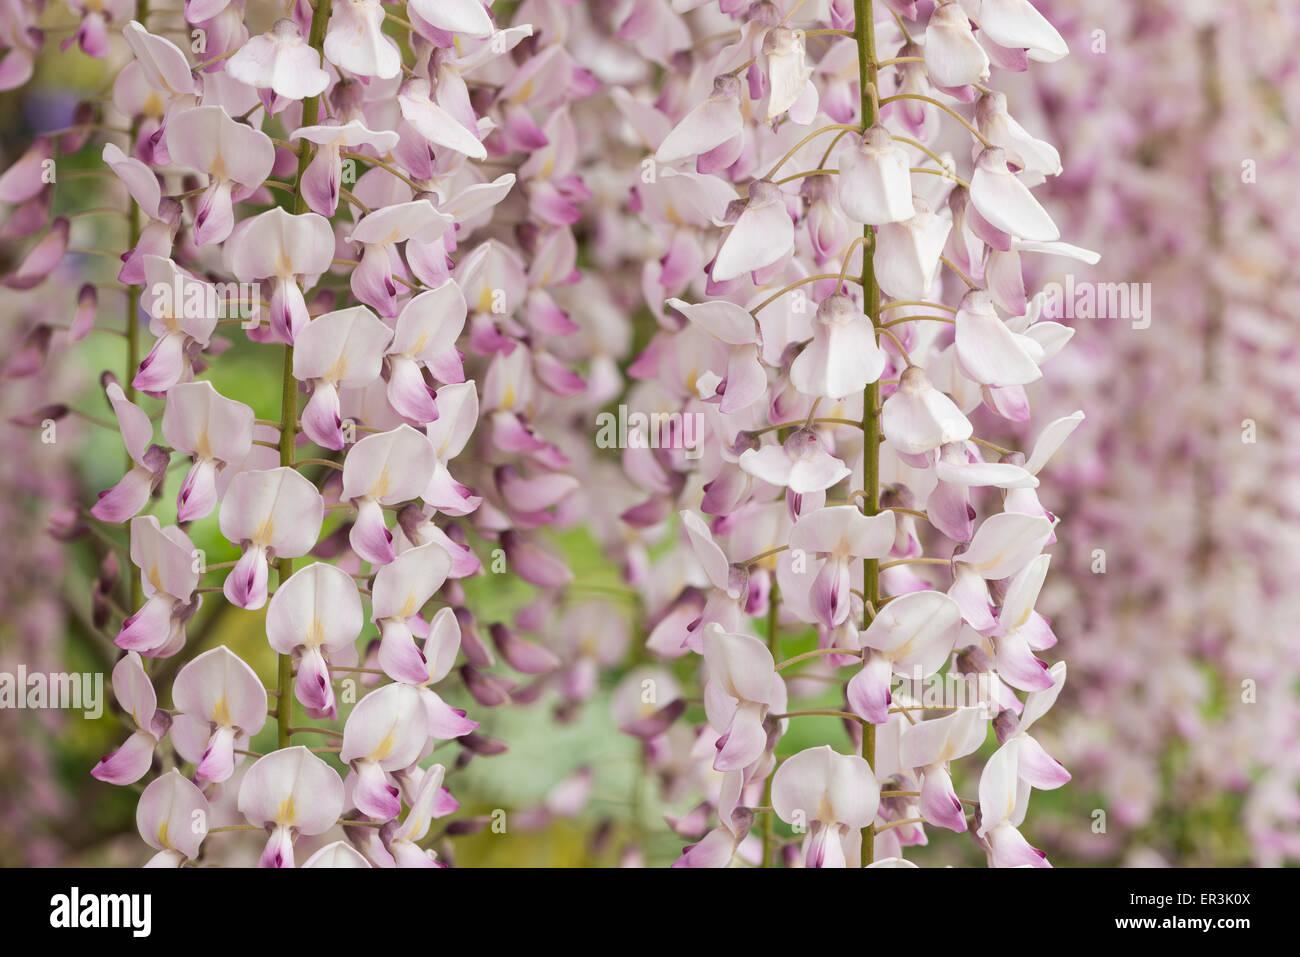 Delicato Colore Viola Pallido dettaglio dei fiori di luce viola pallido rosa delicato